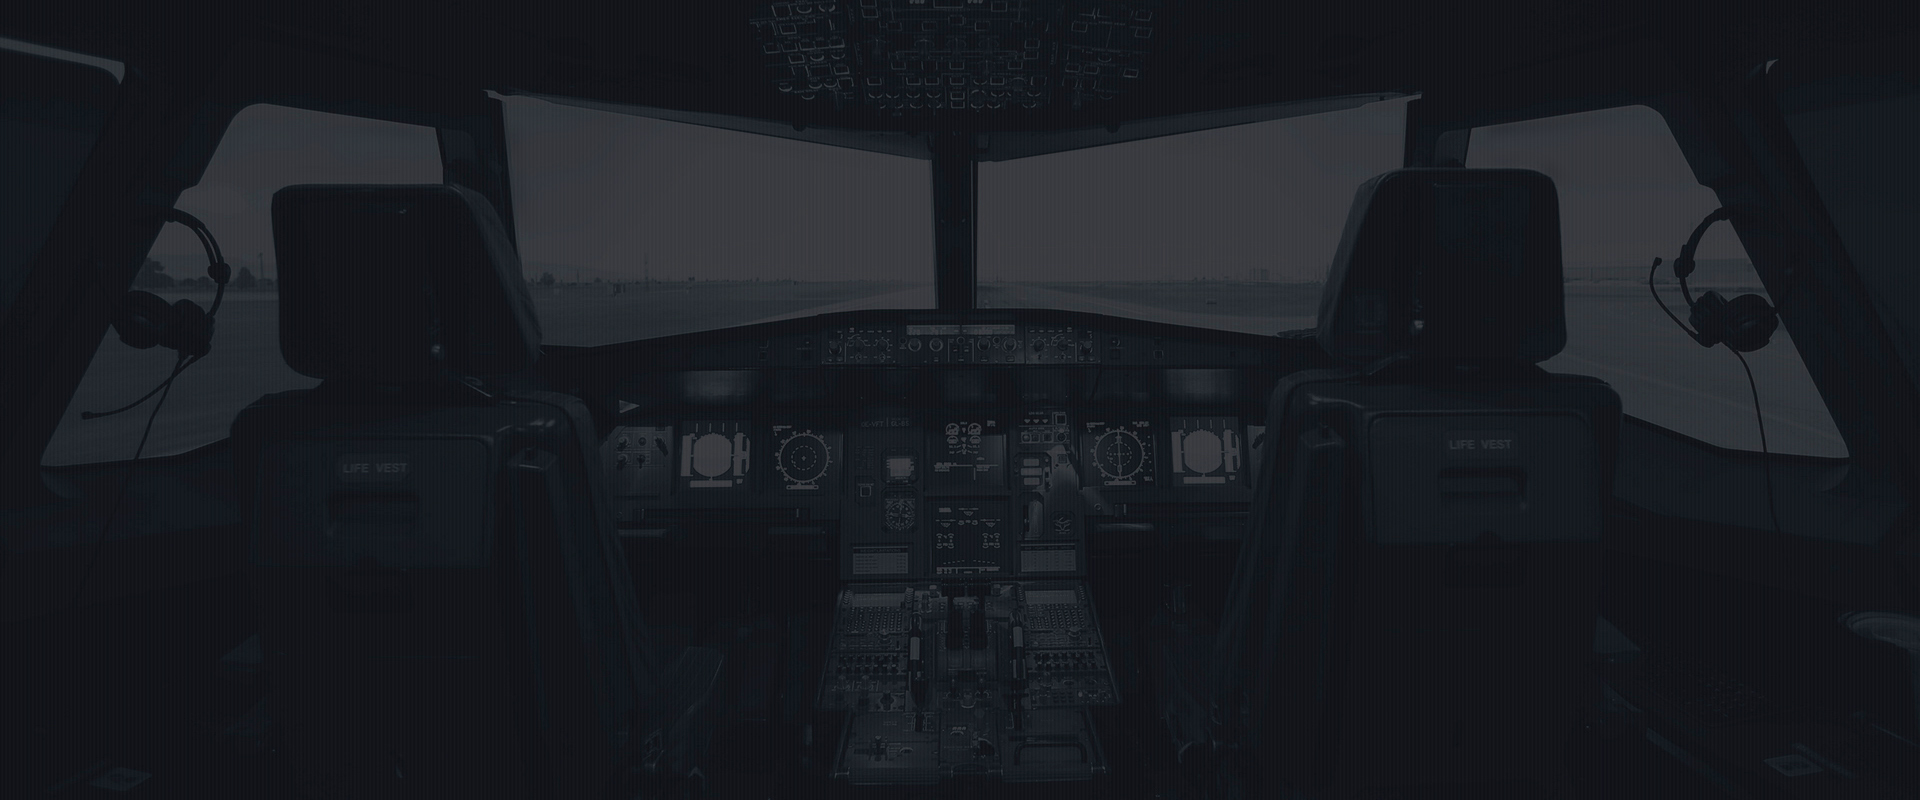 handgepaeckfach airbus a321